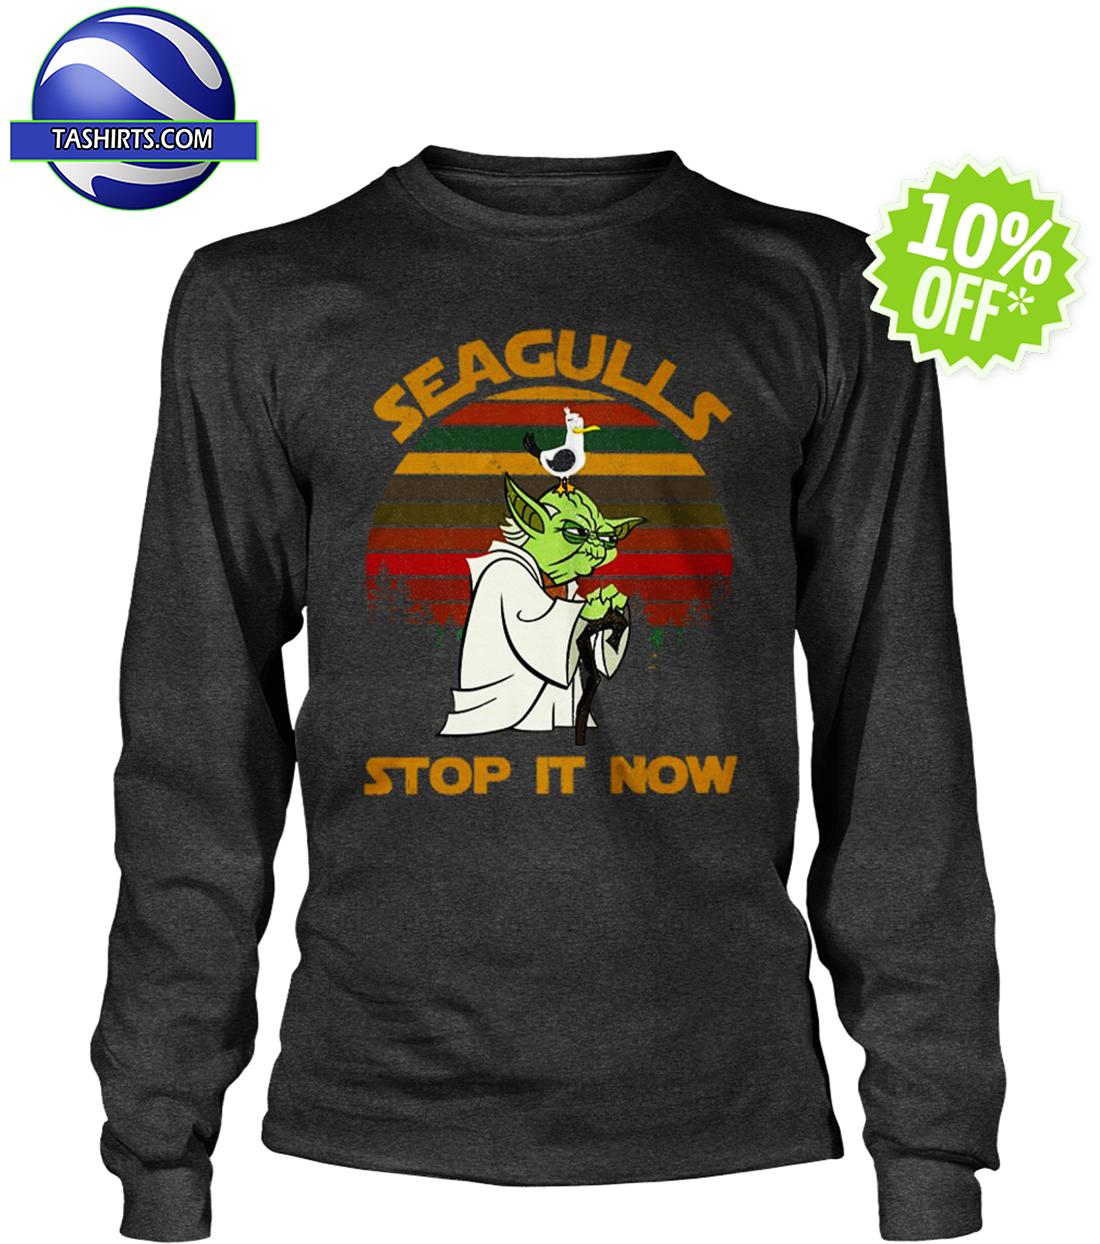 Yoda Seagulls Stop It Now longsleeve tee